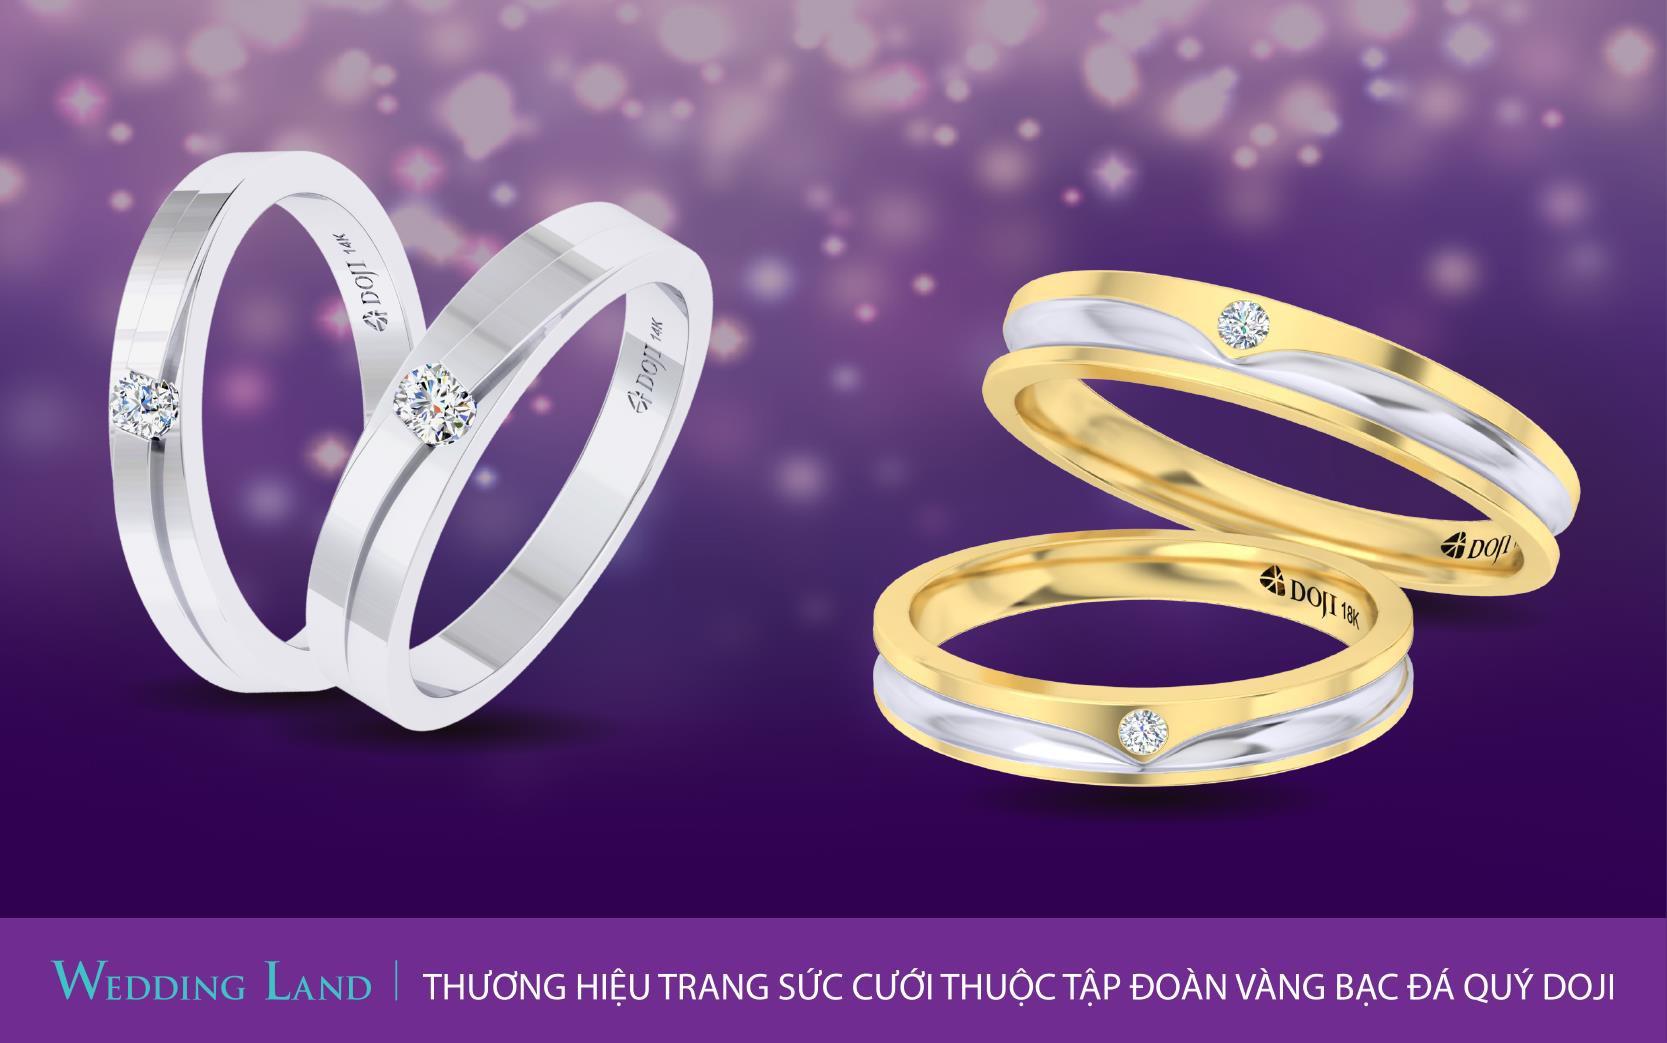 Tuần lễ Trang sức DOJI 2019: Đừng bỏ lỡ 100 cặp nhẫn cưới giá 4.999.999 đồng - Ảnh 4.